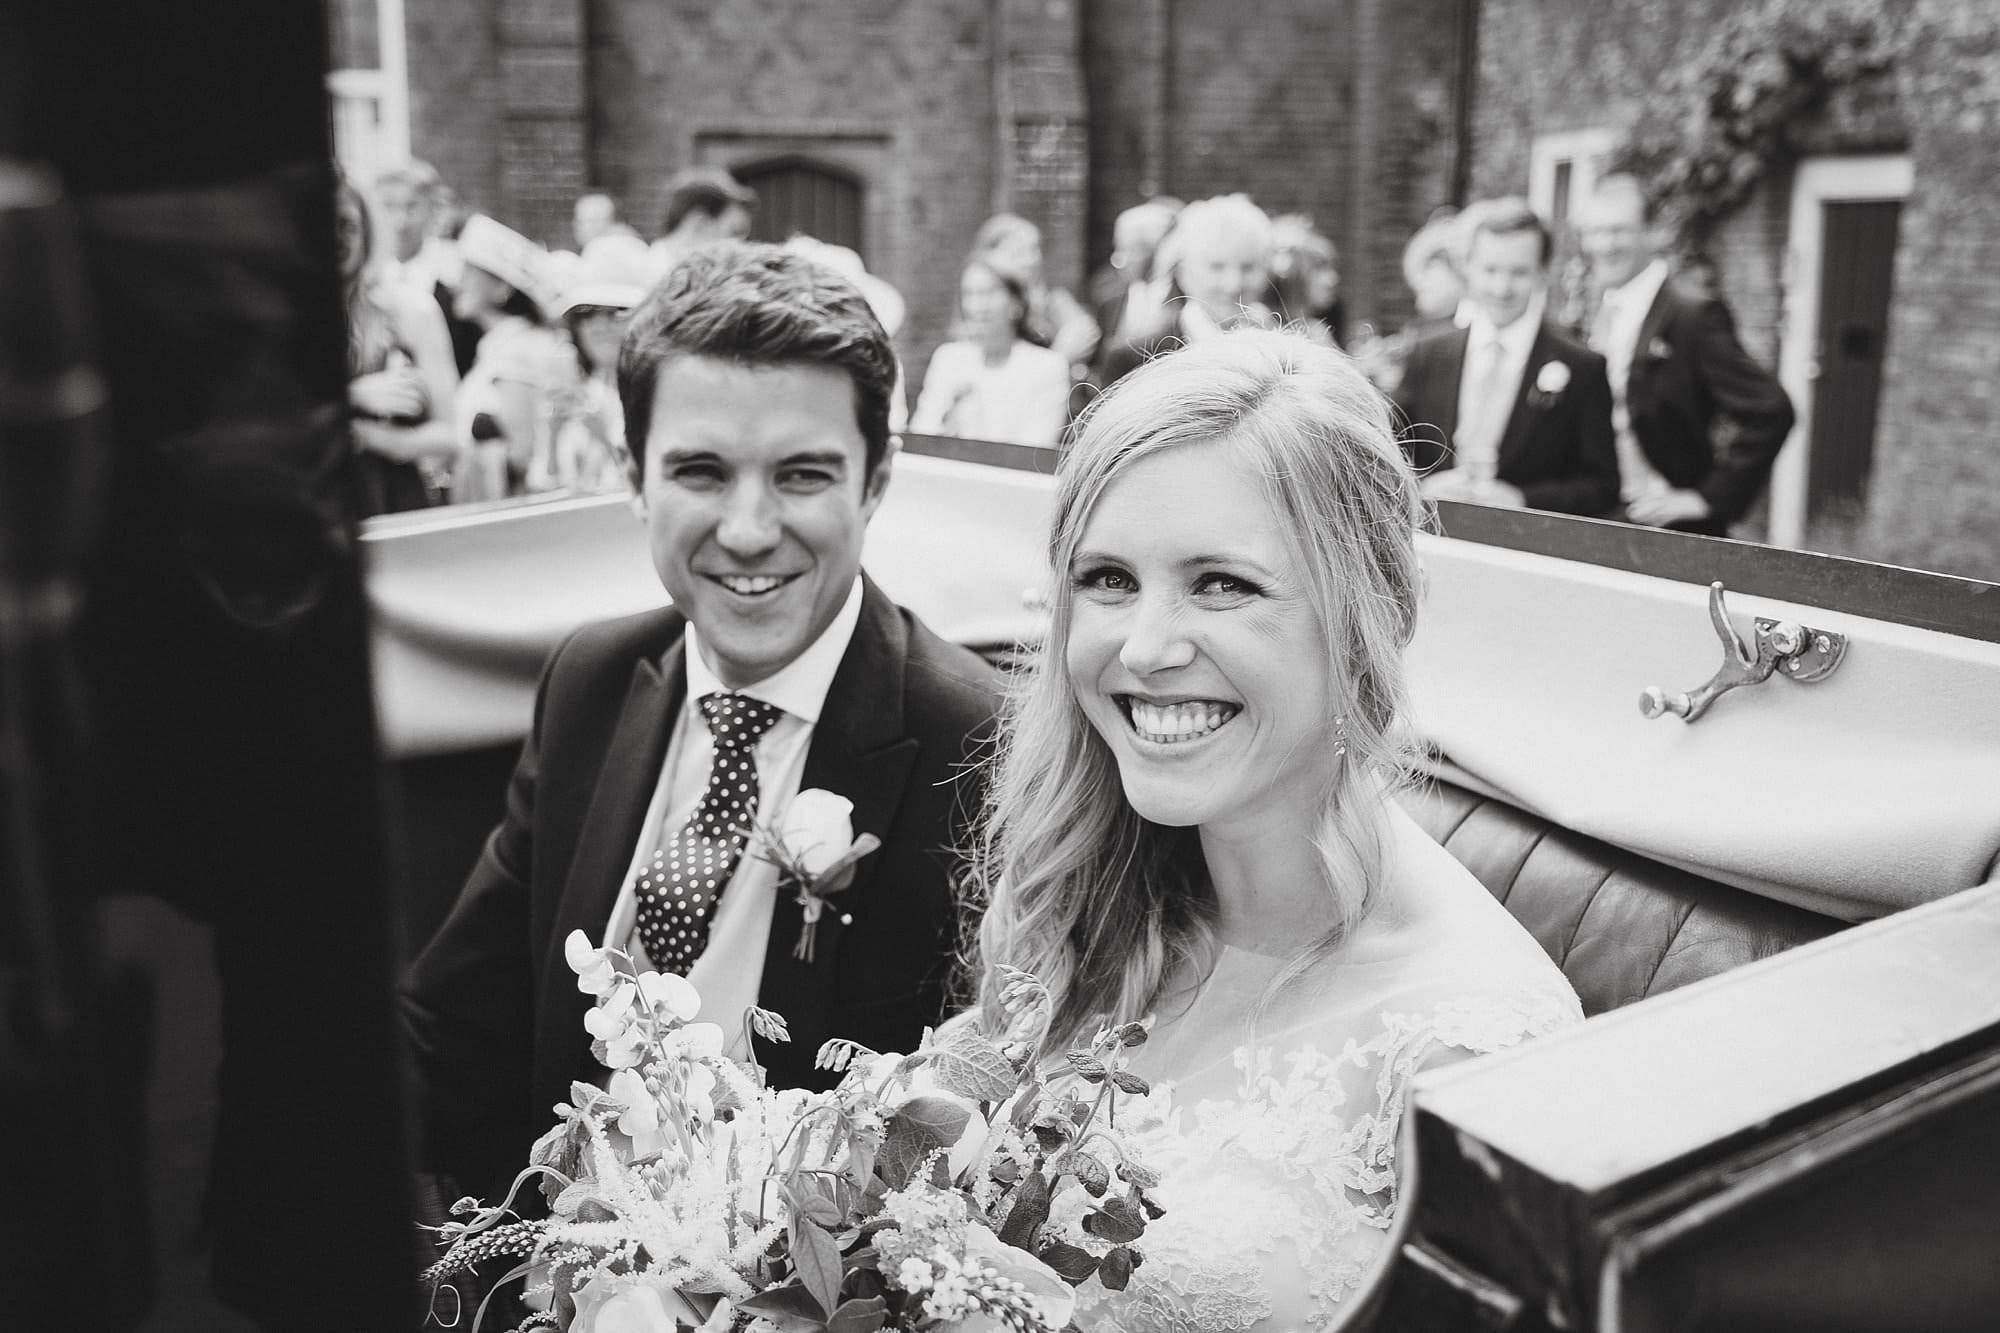 fulham palace wedding photographer 052 - Rosanna + Duncan | Fulham